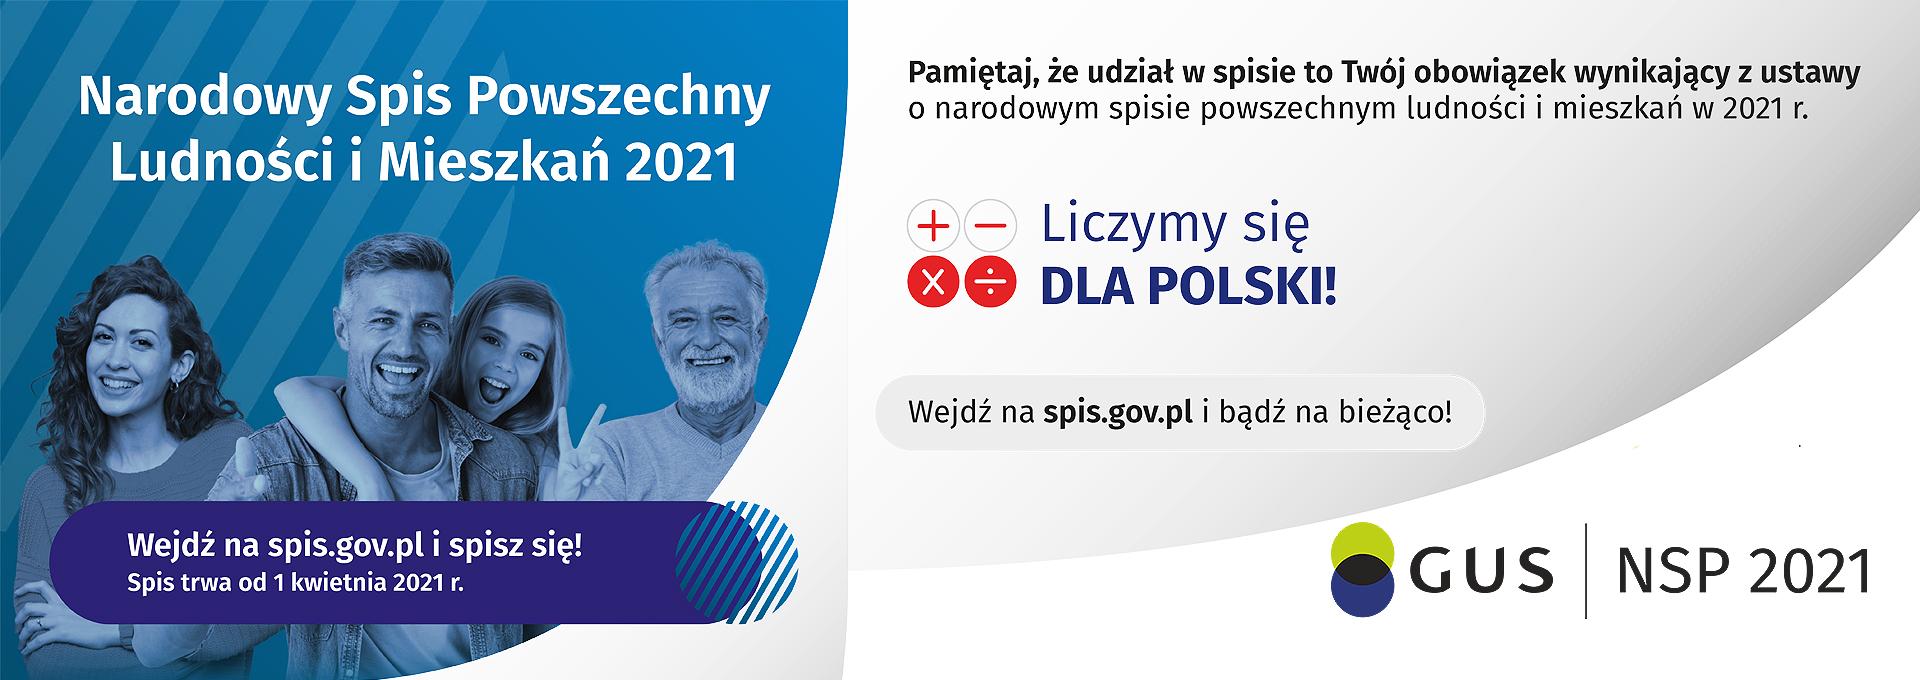 Narodowy Spis Powszechny 2021. Grafika ilustracyjna.